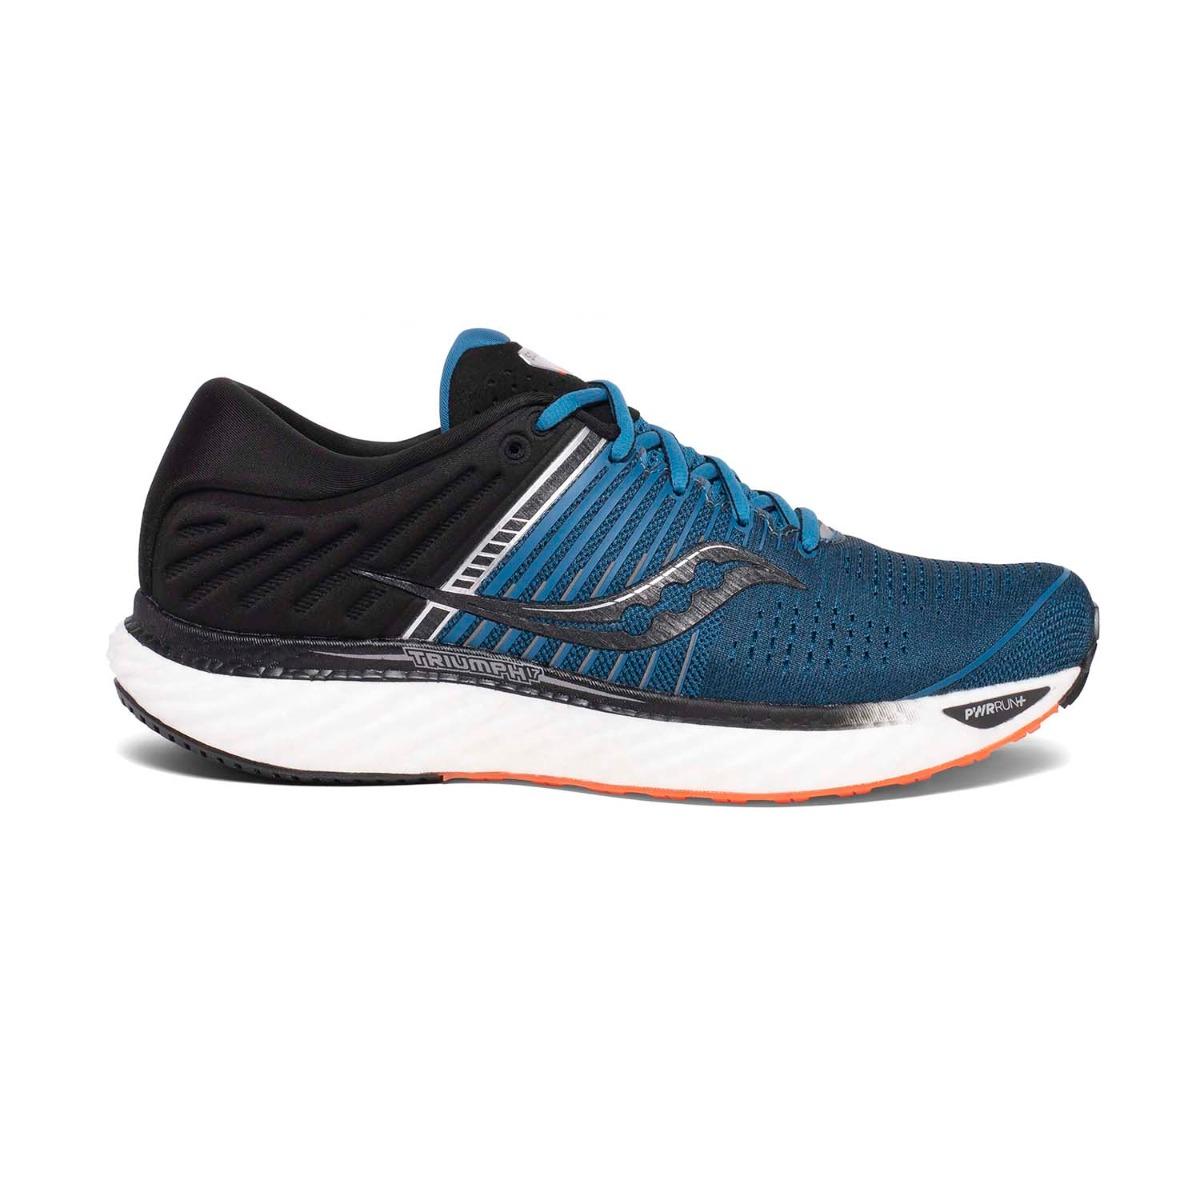 Saucony Men's Guide 13 Wide Running Shoe